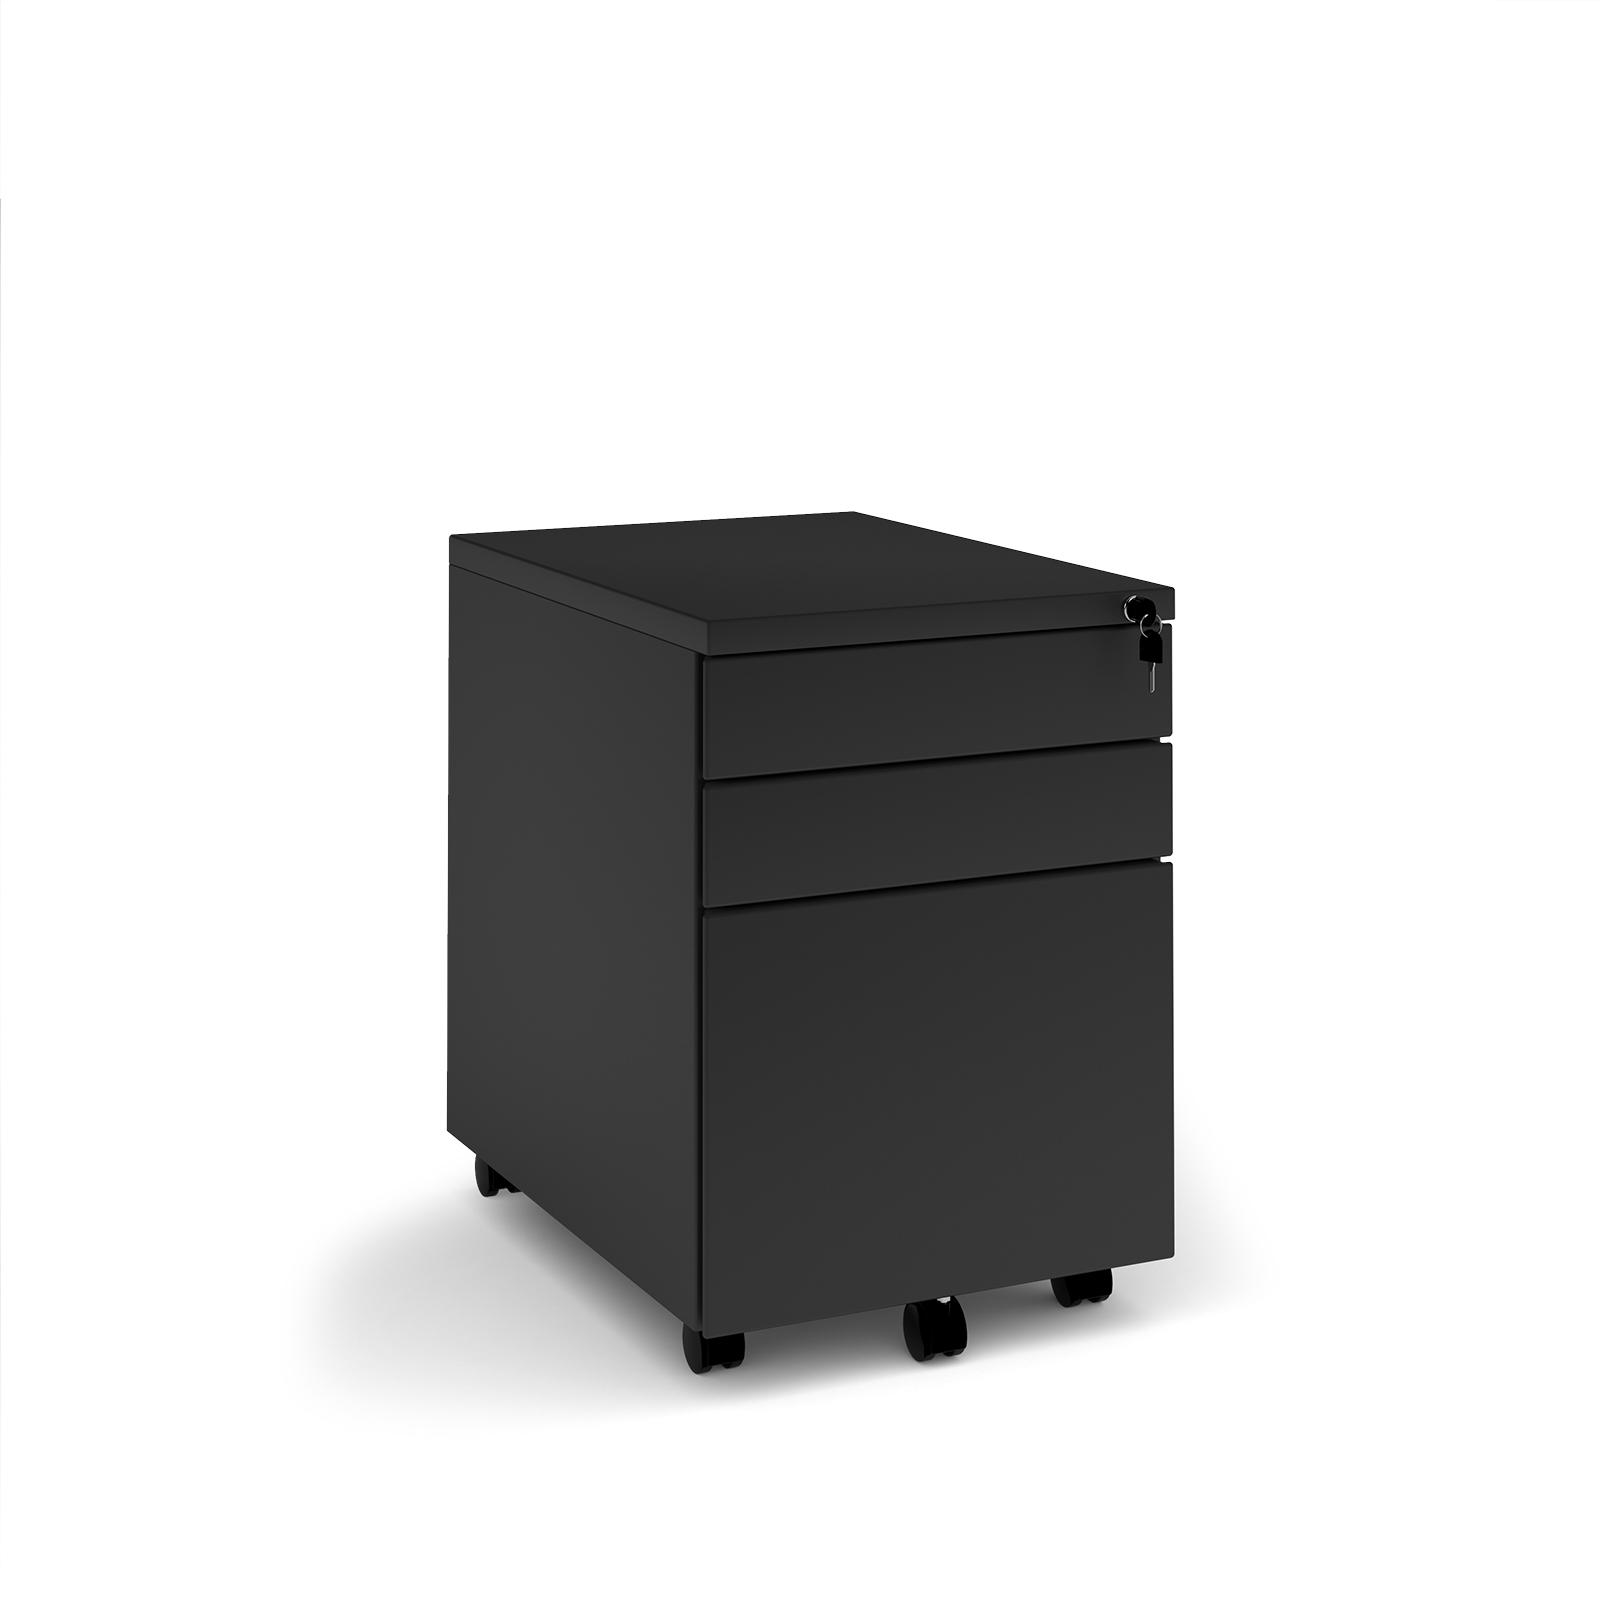 Steel 3 drawer mobile pedestal